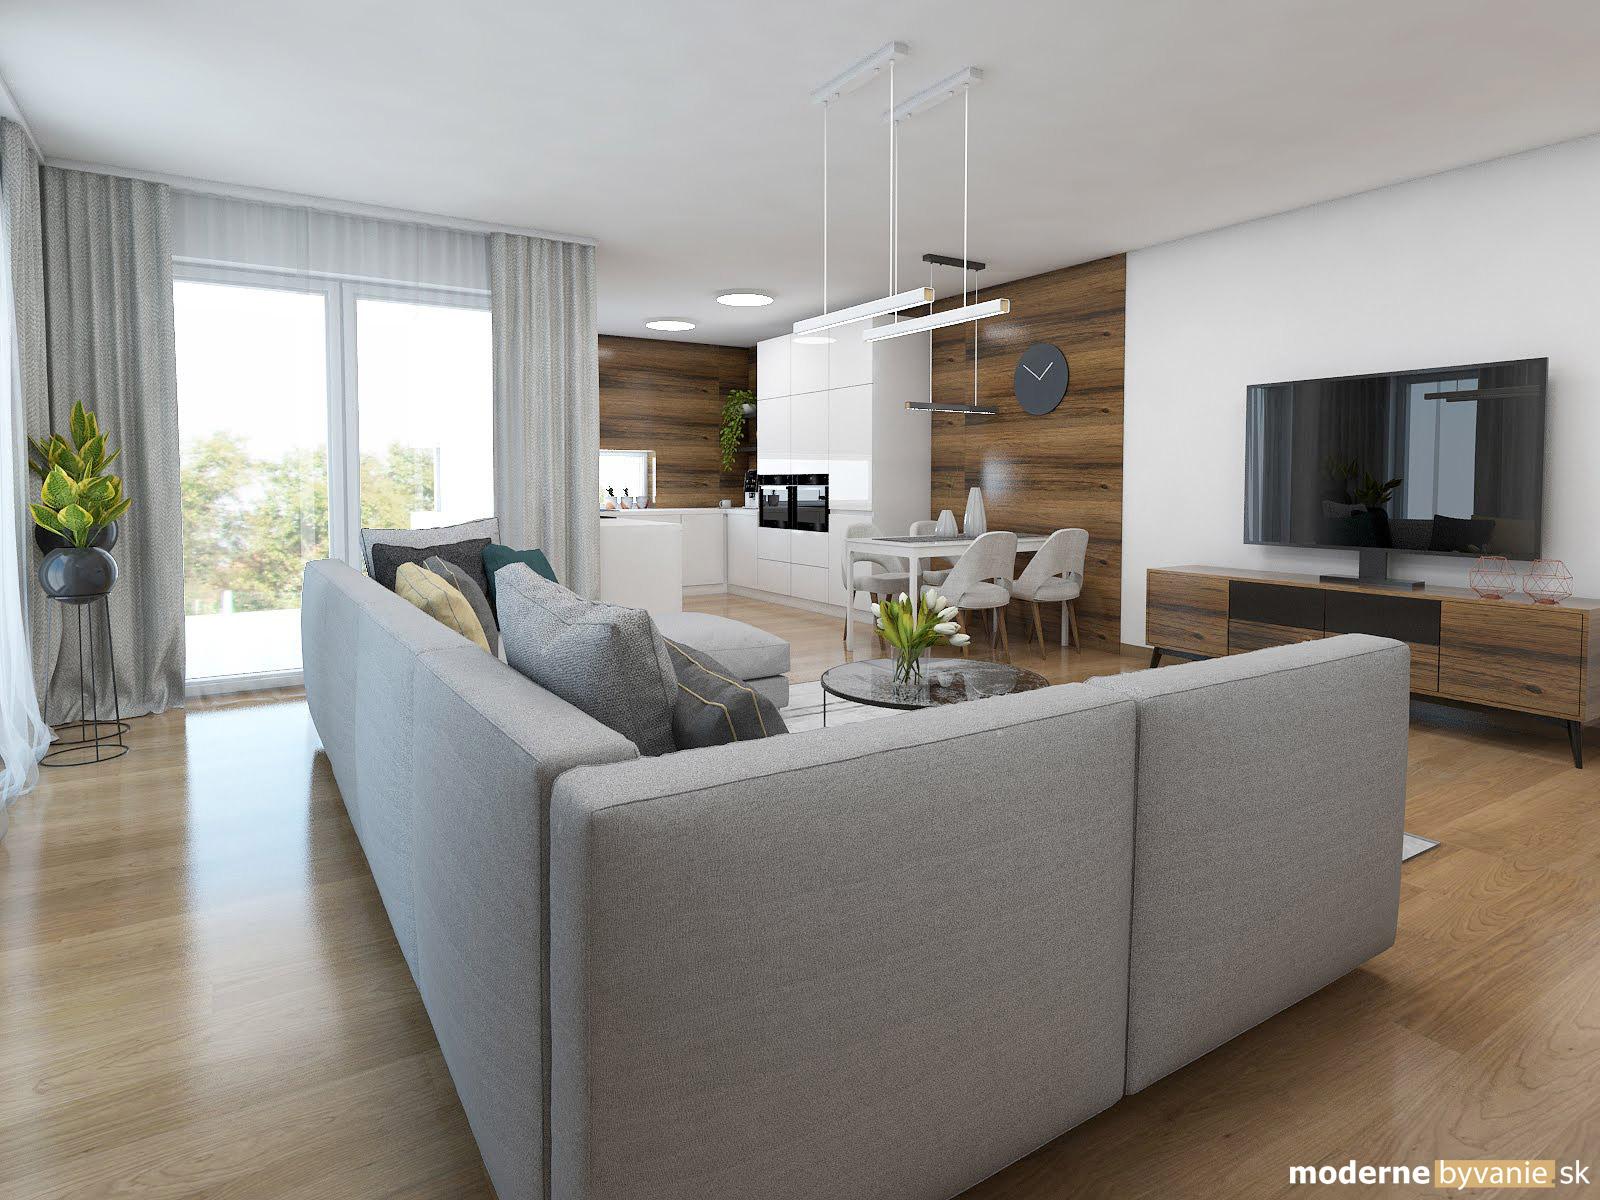 Návrh interiéru - Obývačka - Elegantný nadčasový interiér